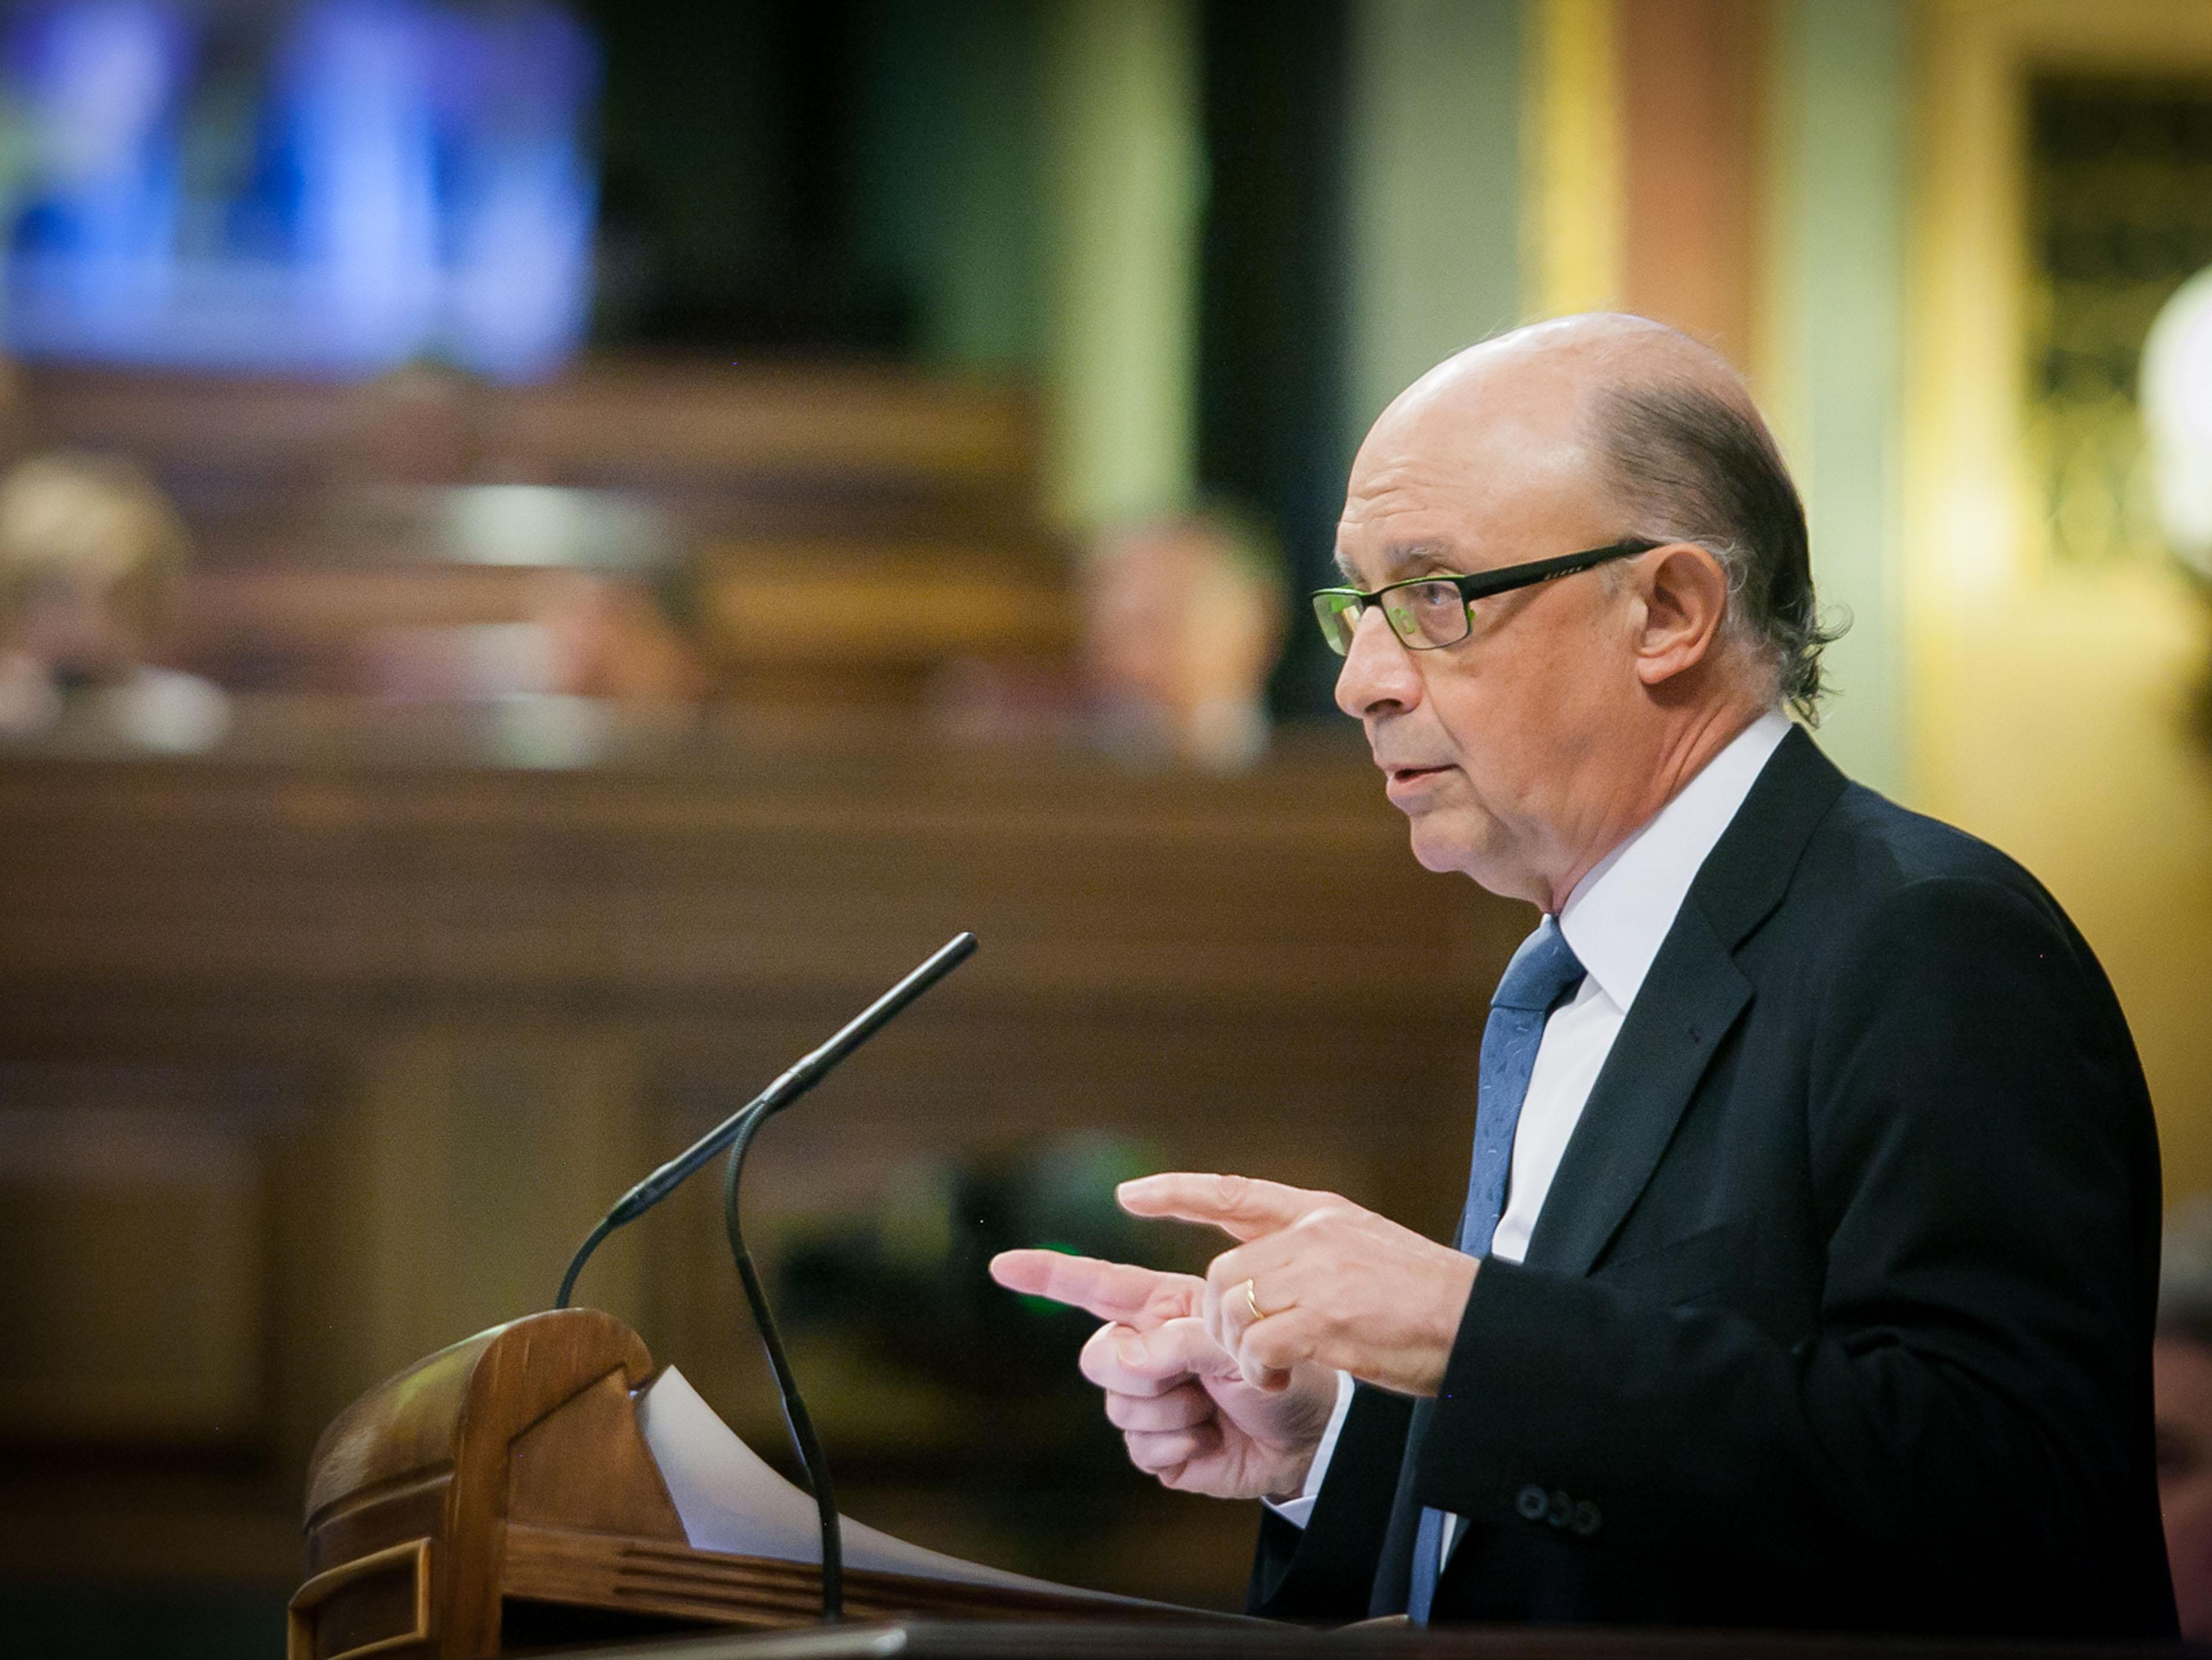 Resumen Semanal: Los Presupuestos Generales del Estado superan su primer escollo en el Congreso con el rechazo de las enmiendas a la totalidad